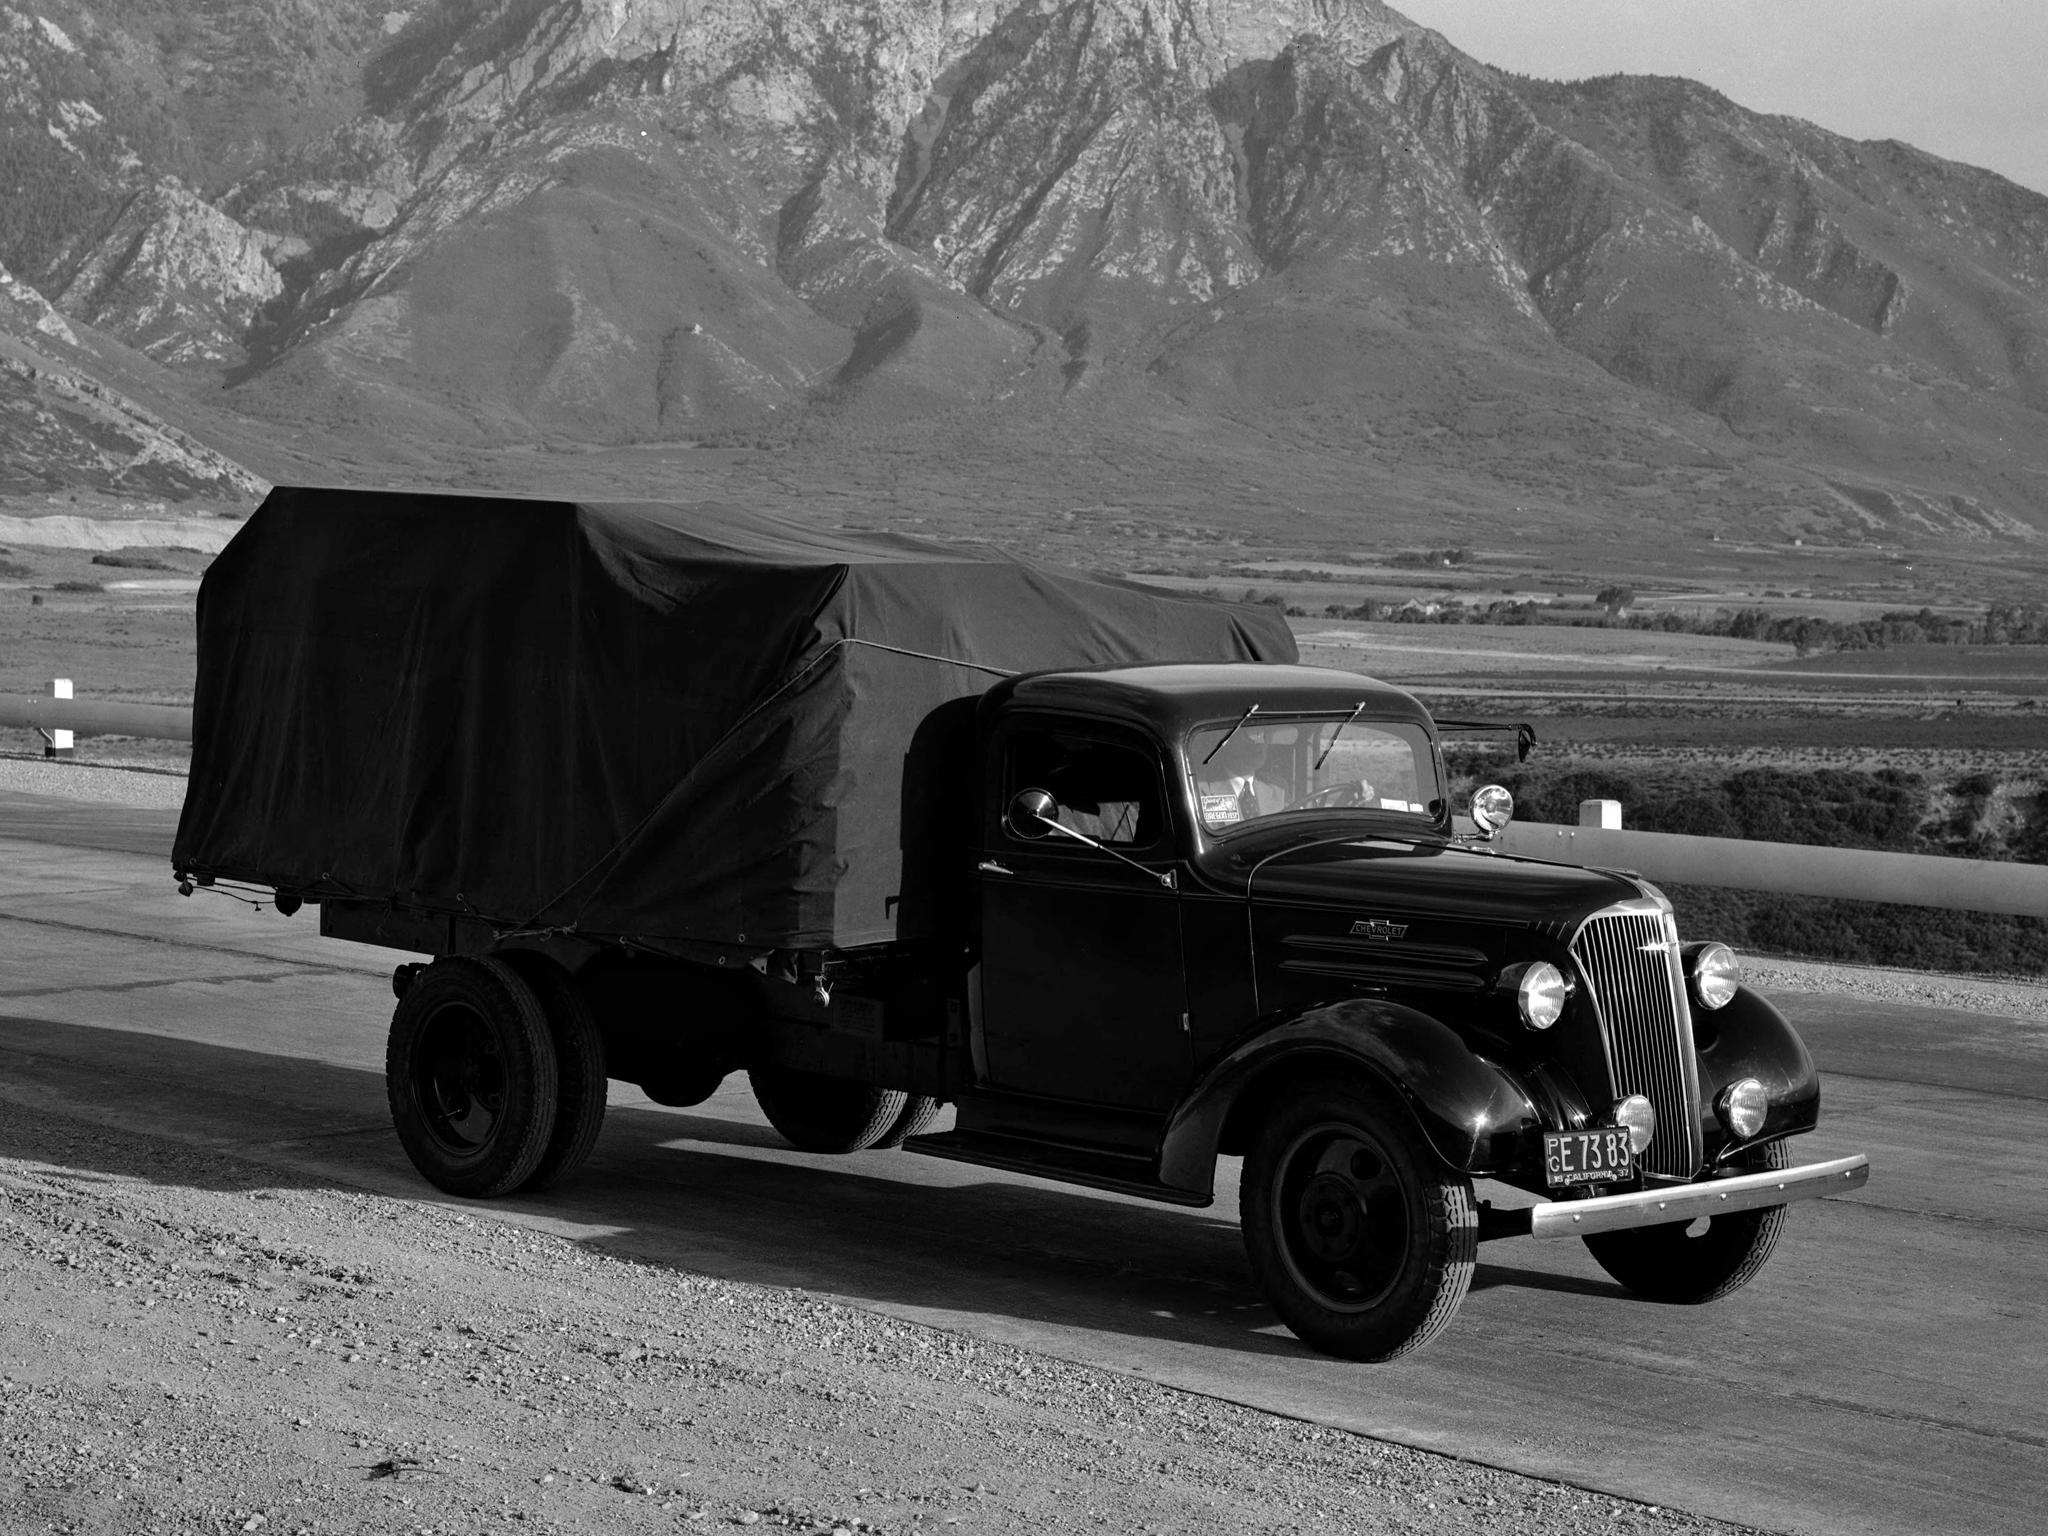 The original Chevrolet SD 1937 lorry